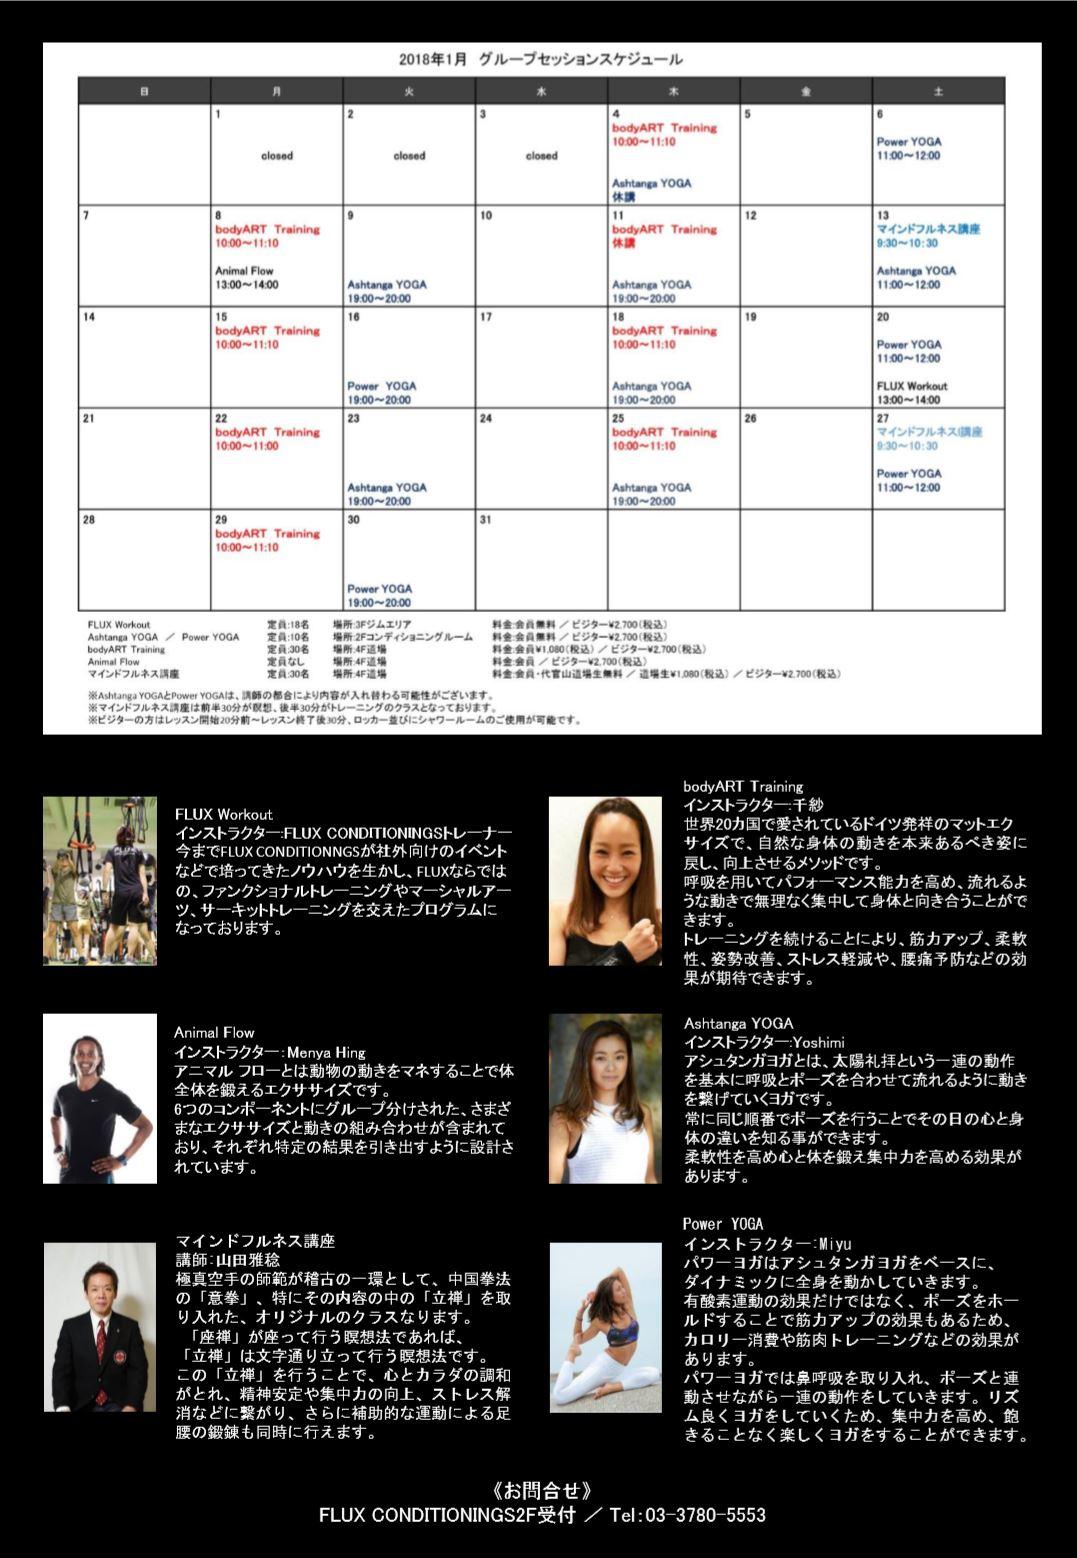 グループセッションスケジュール(NEW)